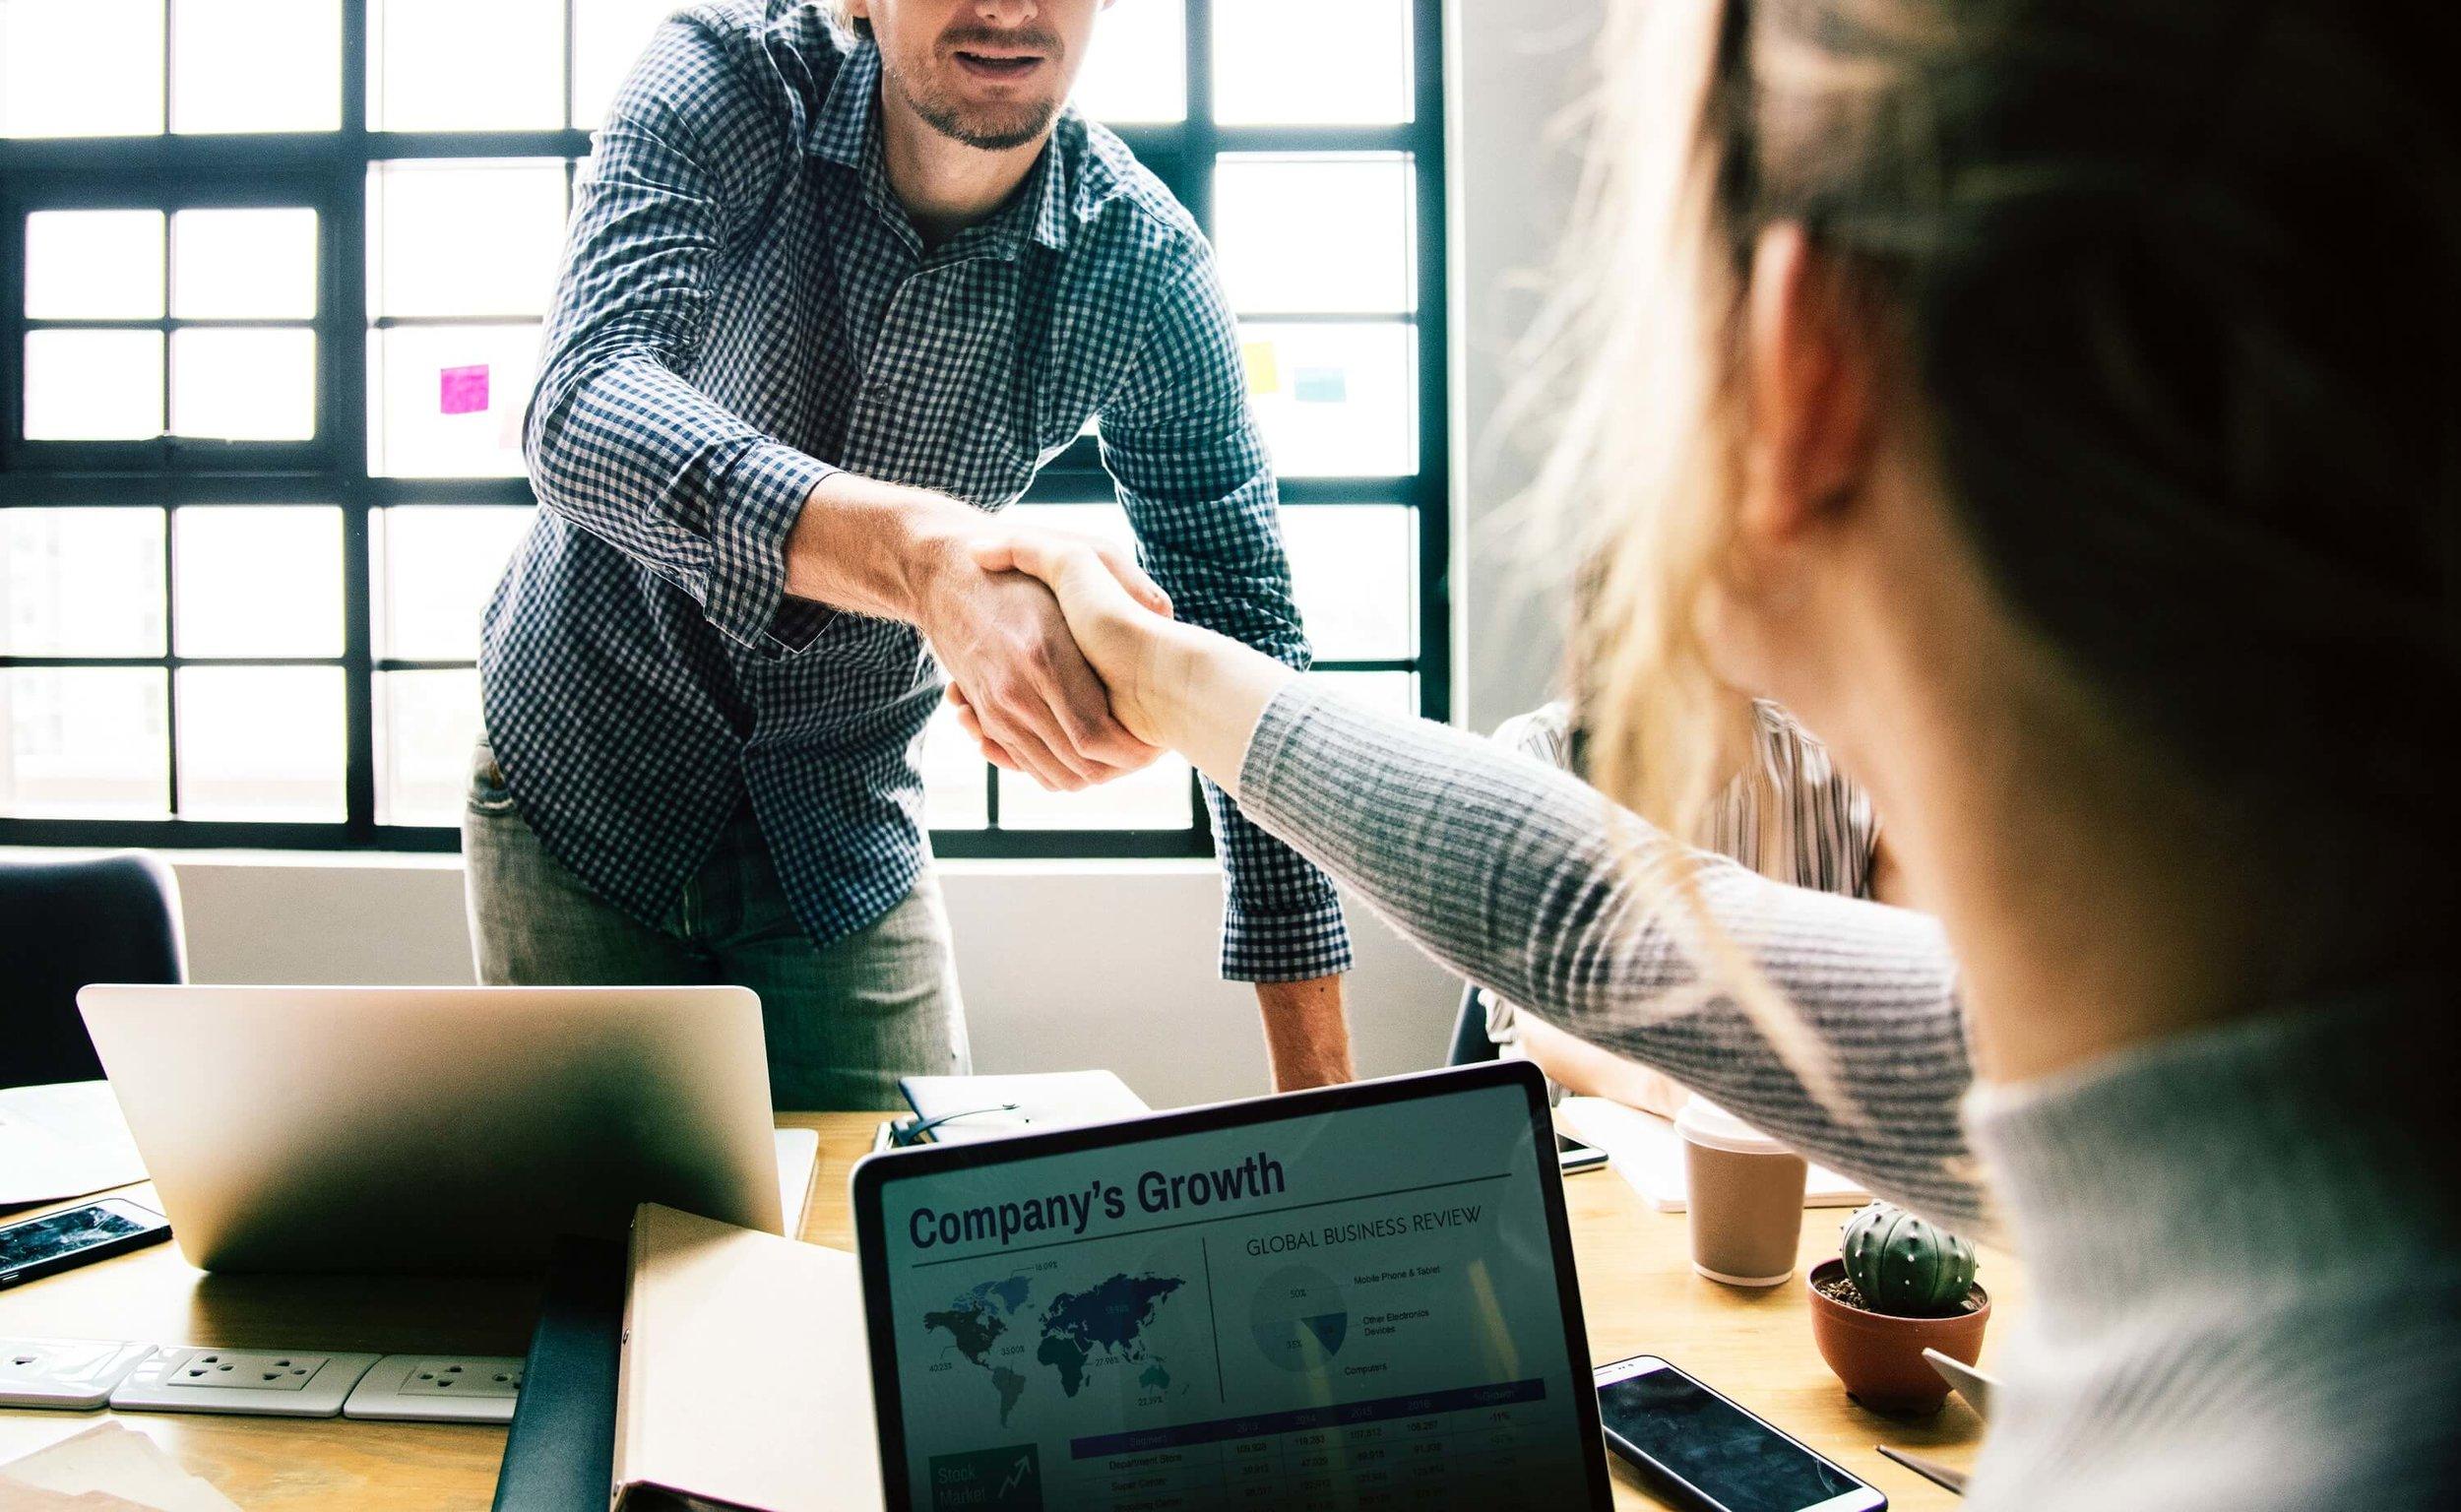 Ünlü dijital strateji yöneticileri yaptıkları açıklamalarda, aklı başında bir vizyonla dolaşmanız gerektiğinden bahsediyorlar.